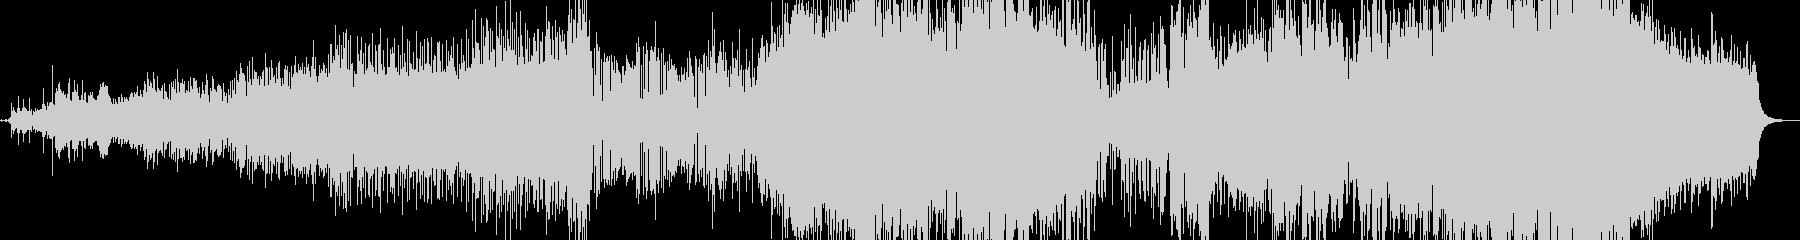 オリエンタル風ロック調のインストの未再生の波形